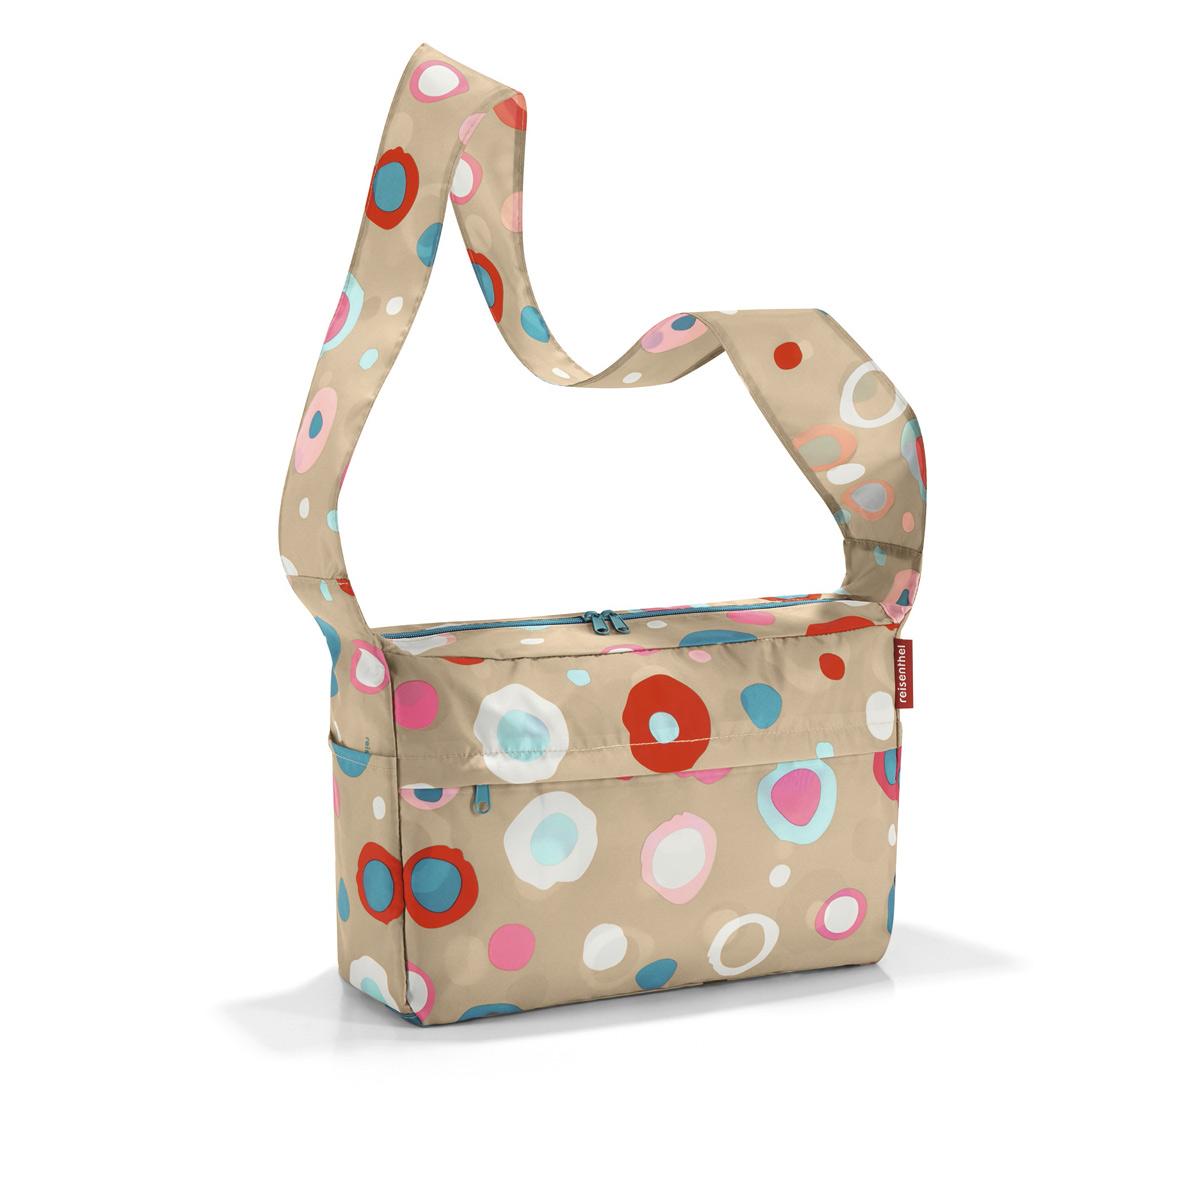 Сумка женская Reisenthel, складная, цвет: бежевый, синий, розовый. AL6034AL6034Стильная женская сумка Reisenthel изготовлена из текстиля с оригинальным принтом. Сумка имеет одно отделение, которое закрывается на застежку-молнию с двумя бегунками. Внутри имеется нашивной карман на застежке-молнии, в который сумка складывается и приобретает компактный вид. Снаружи, на передней стенке расположен накладной карман на застежке-молнии, по бокам - открытые накладные карманы. Изделие оснащено удобным плечевым ремнем.